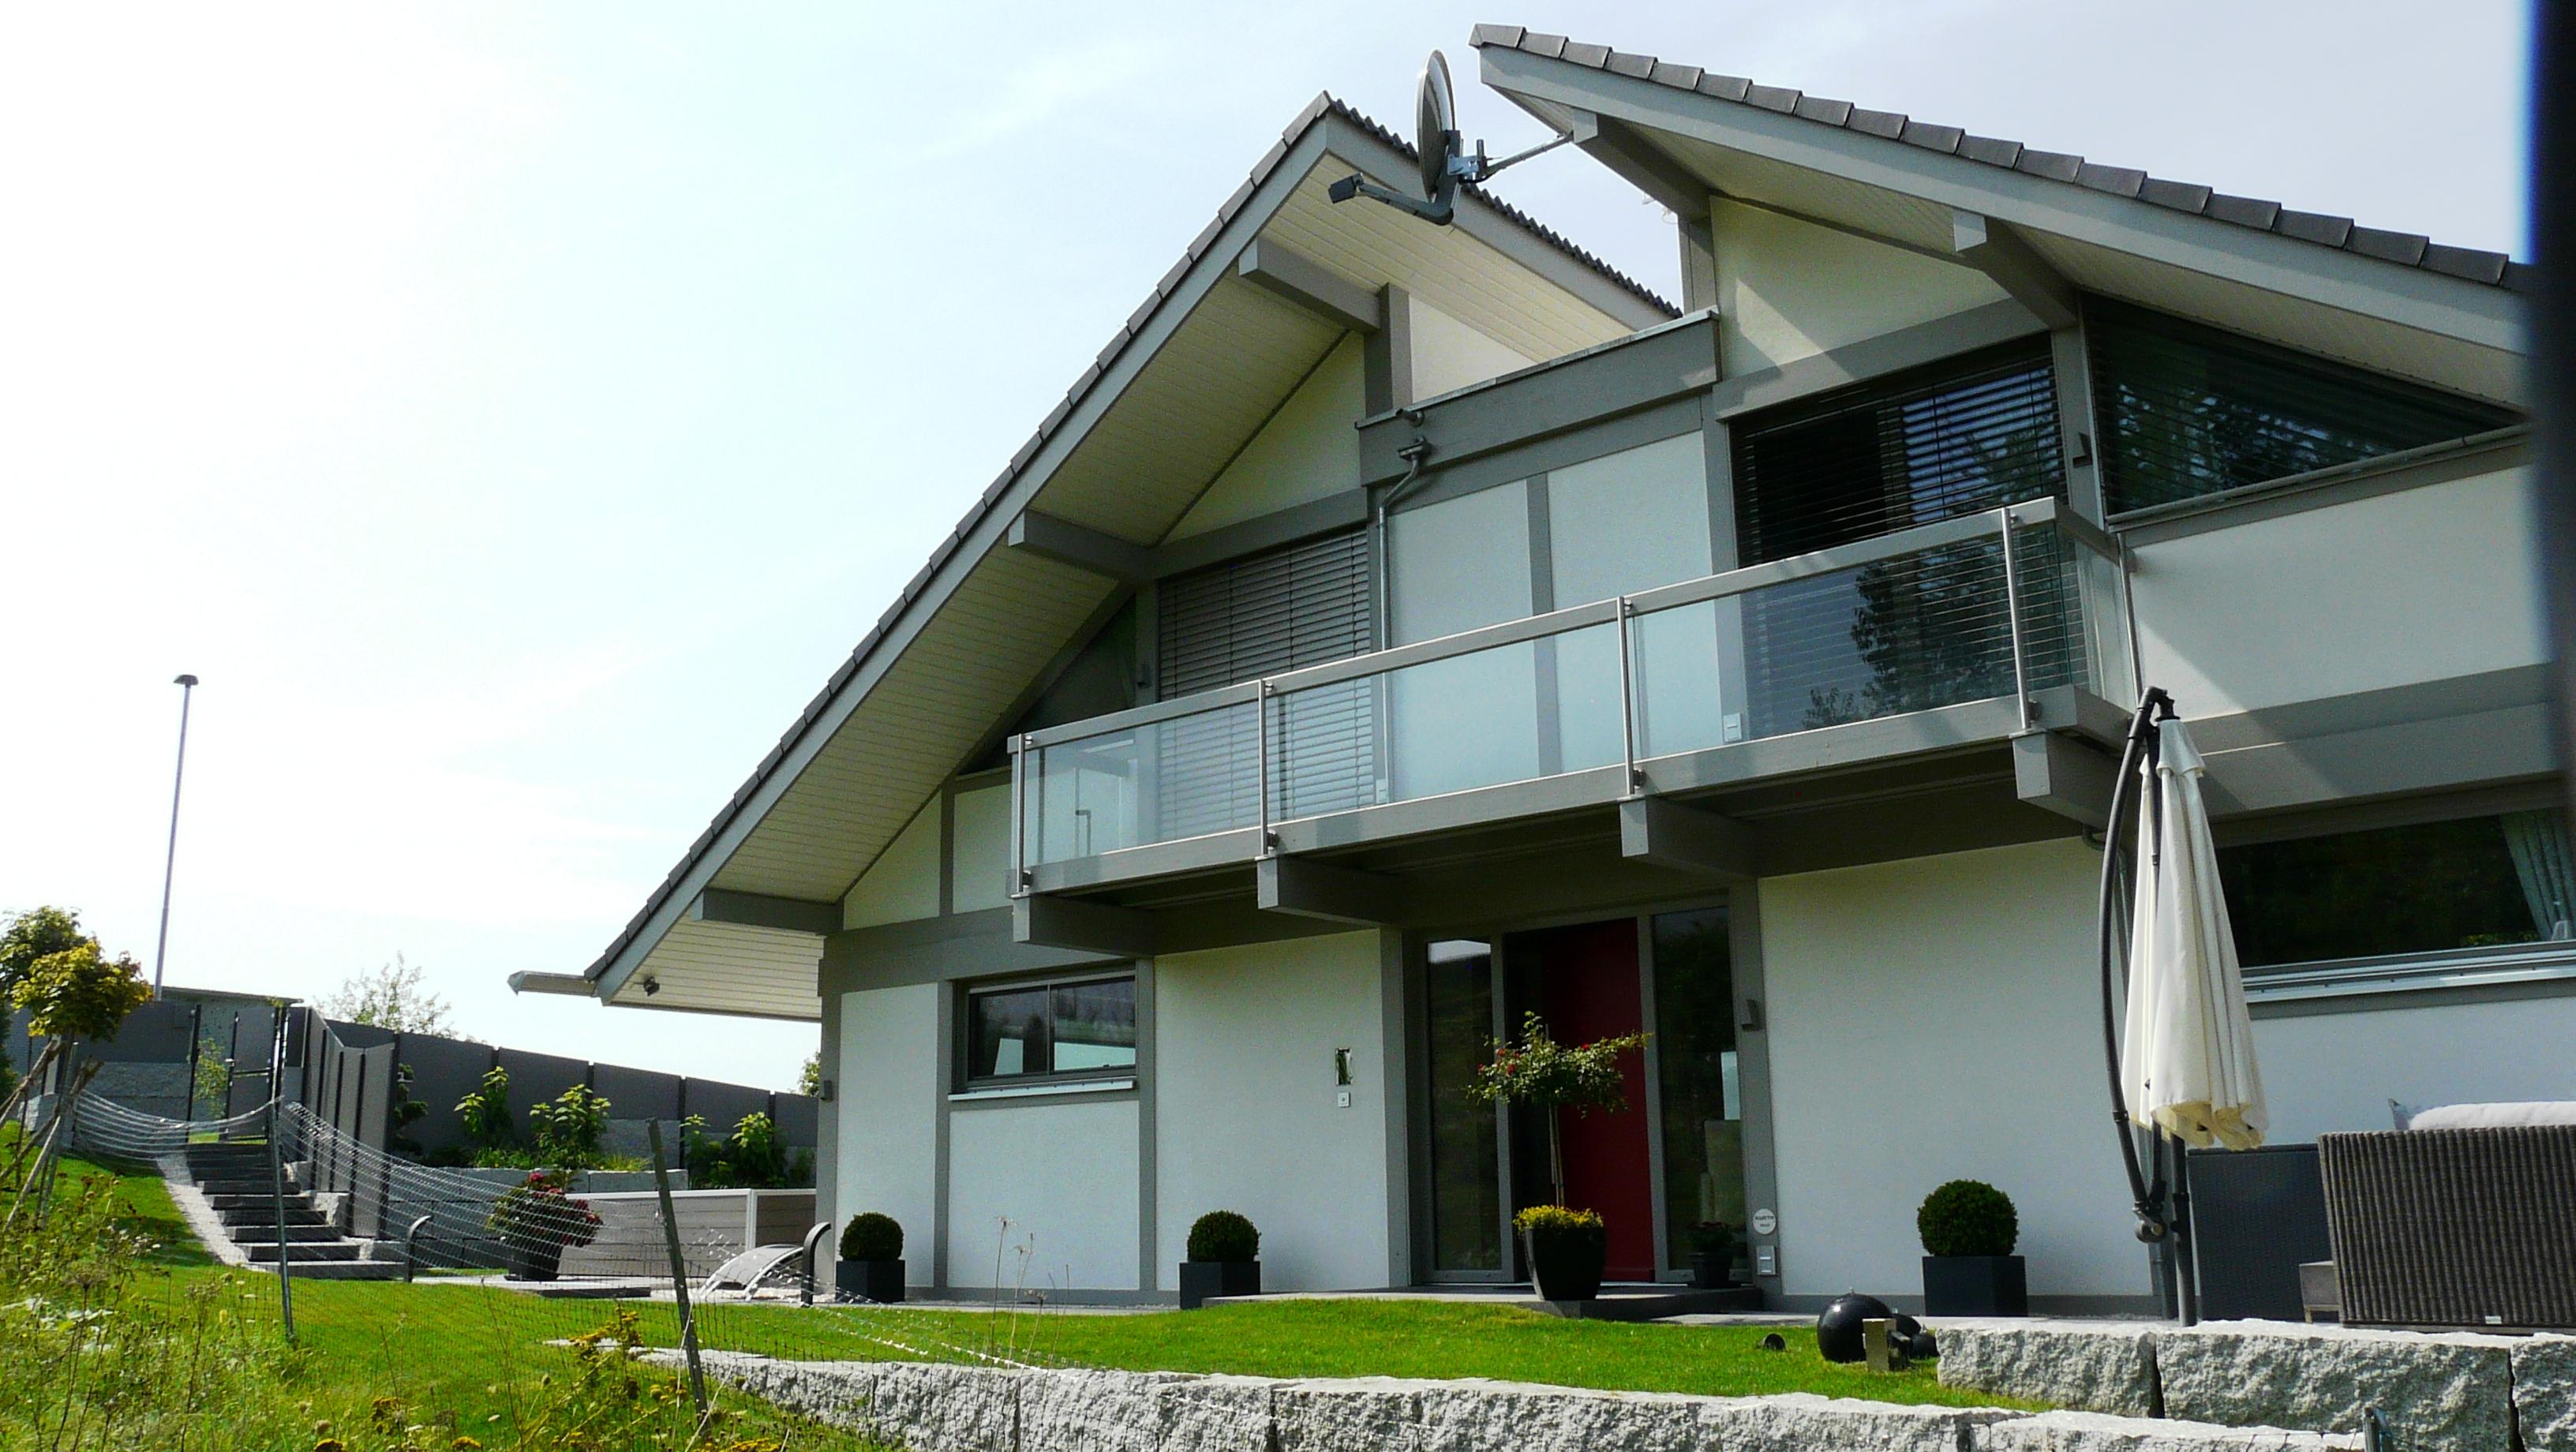 Wohngarten modernes fachwerkhaus for Modernes fachwerkhaus